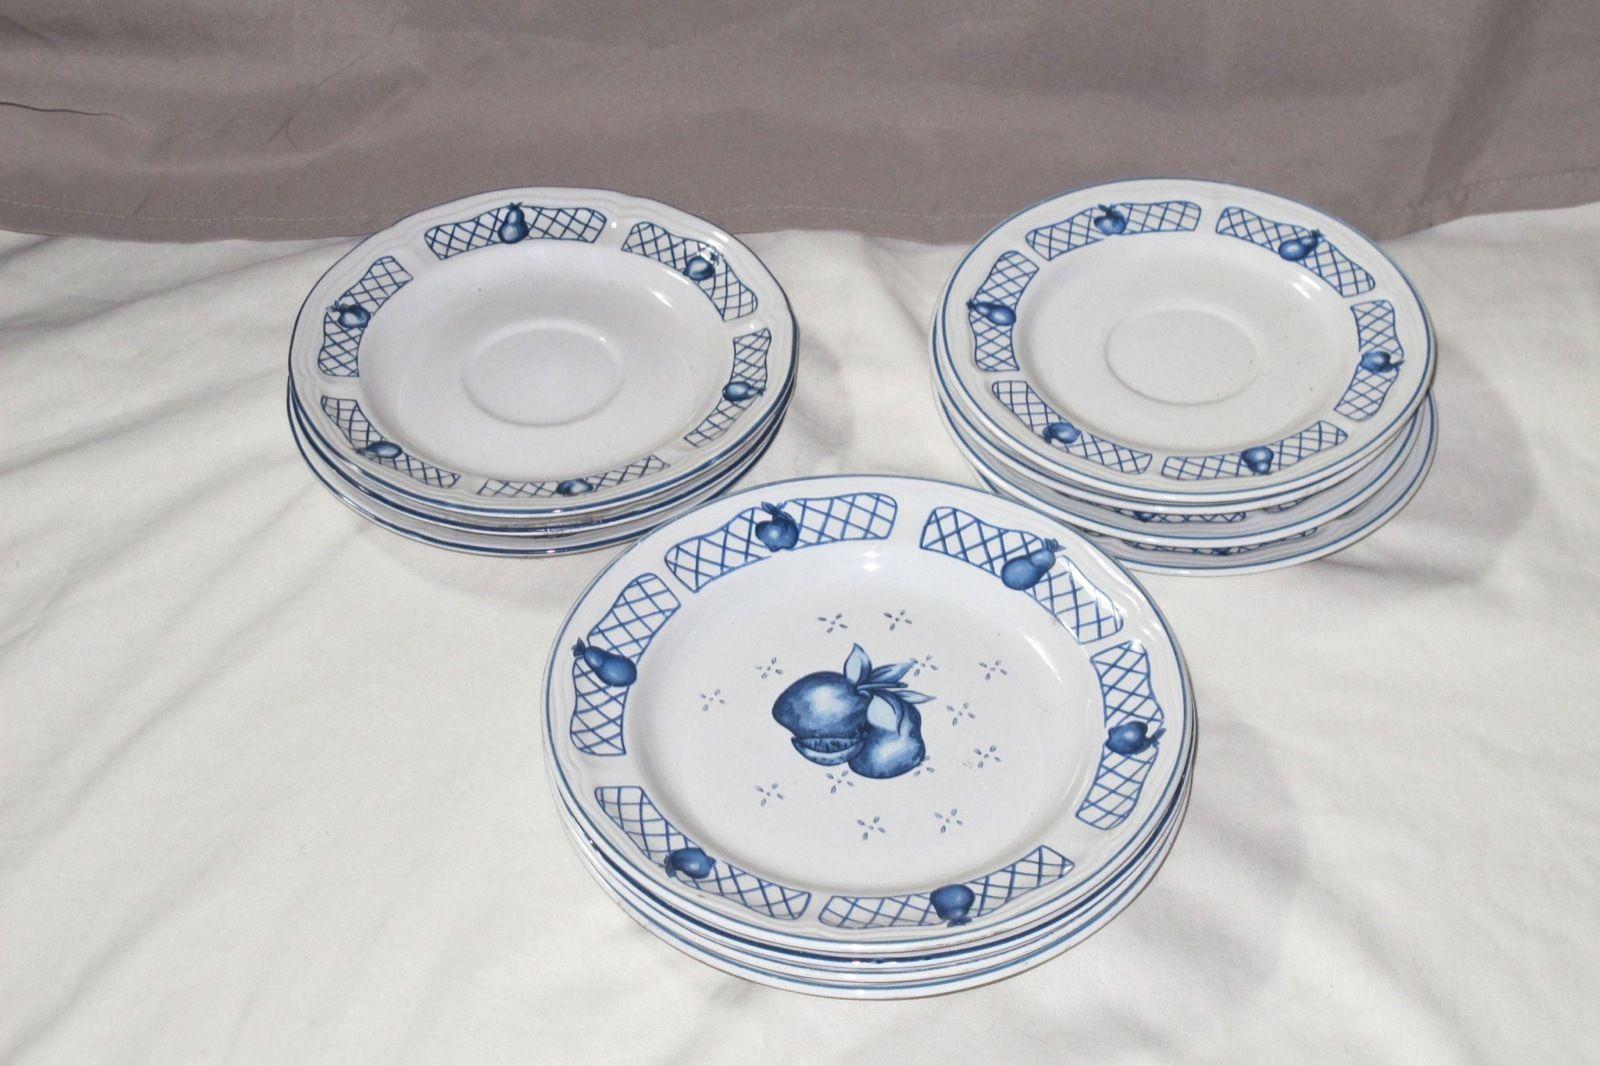 Newcor Stoneware Cape Cod Design Blue Fruit Lattice 5 Salad 7 Saucer Plates 1995 & Newcor Stoneware Cape Cod Design Blue Fruit and 22 similar items